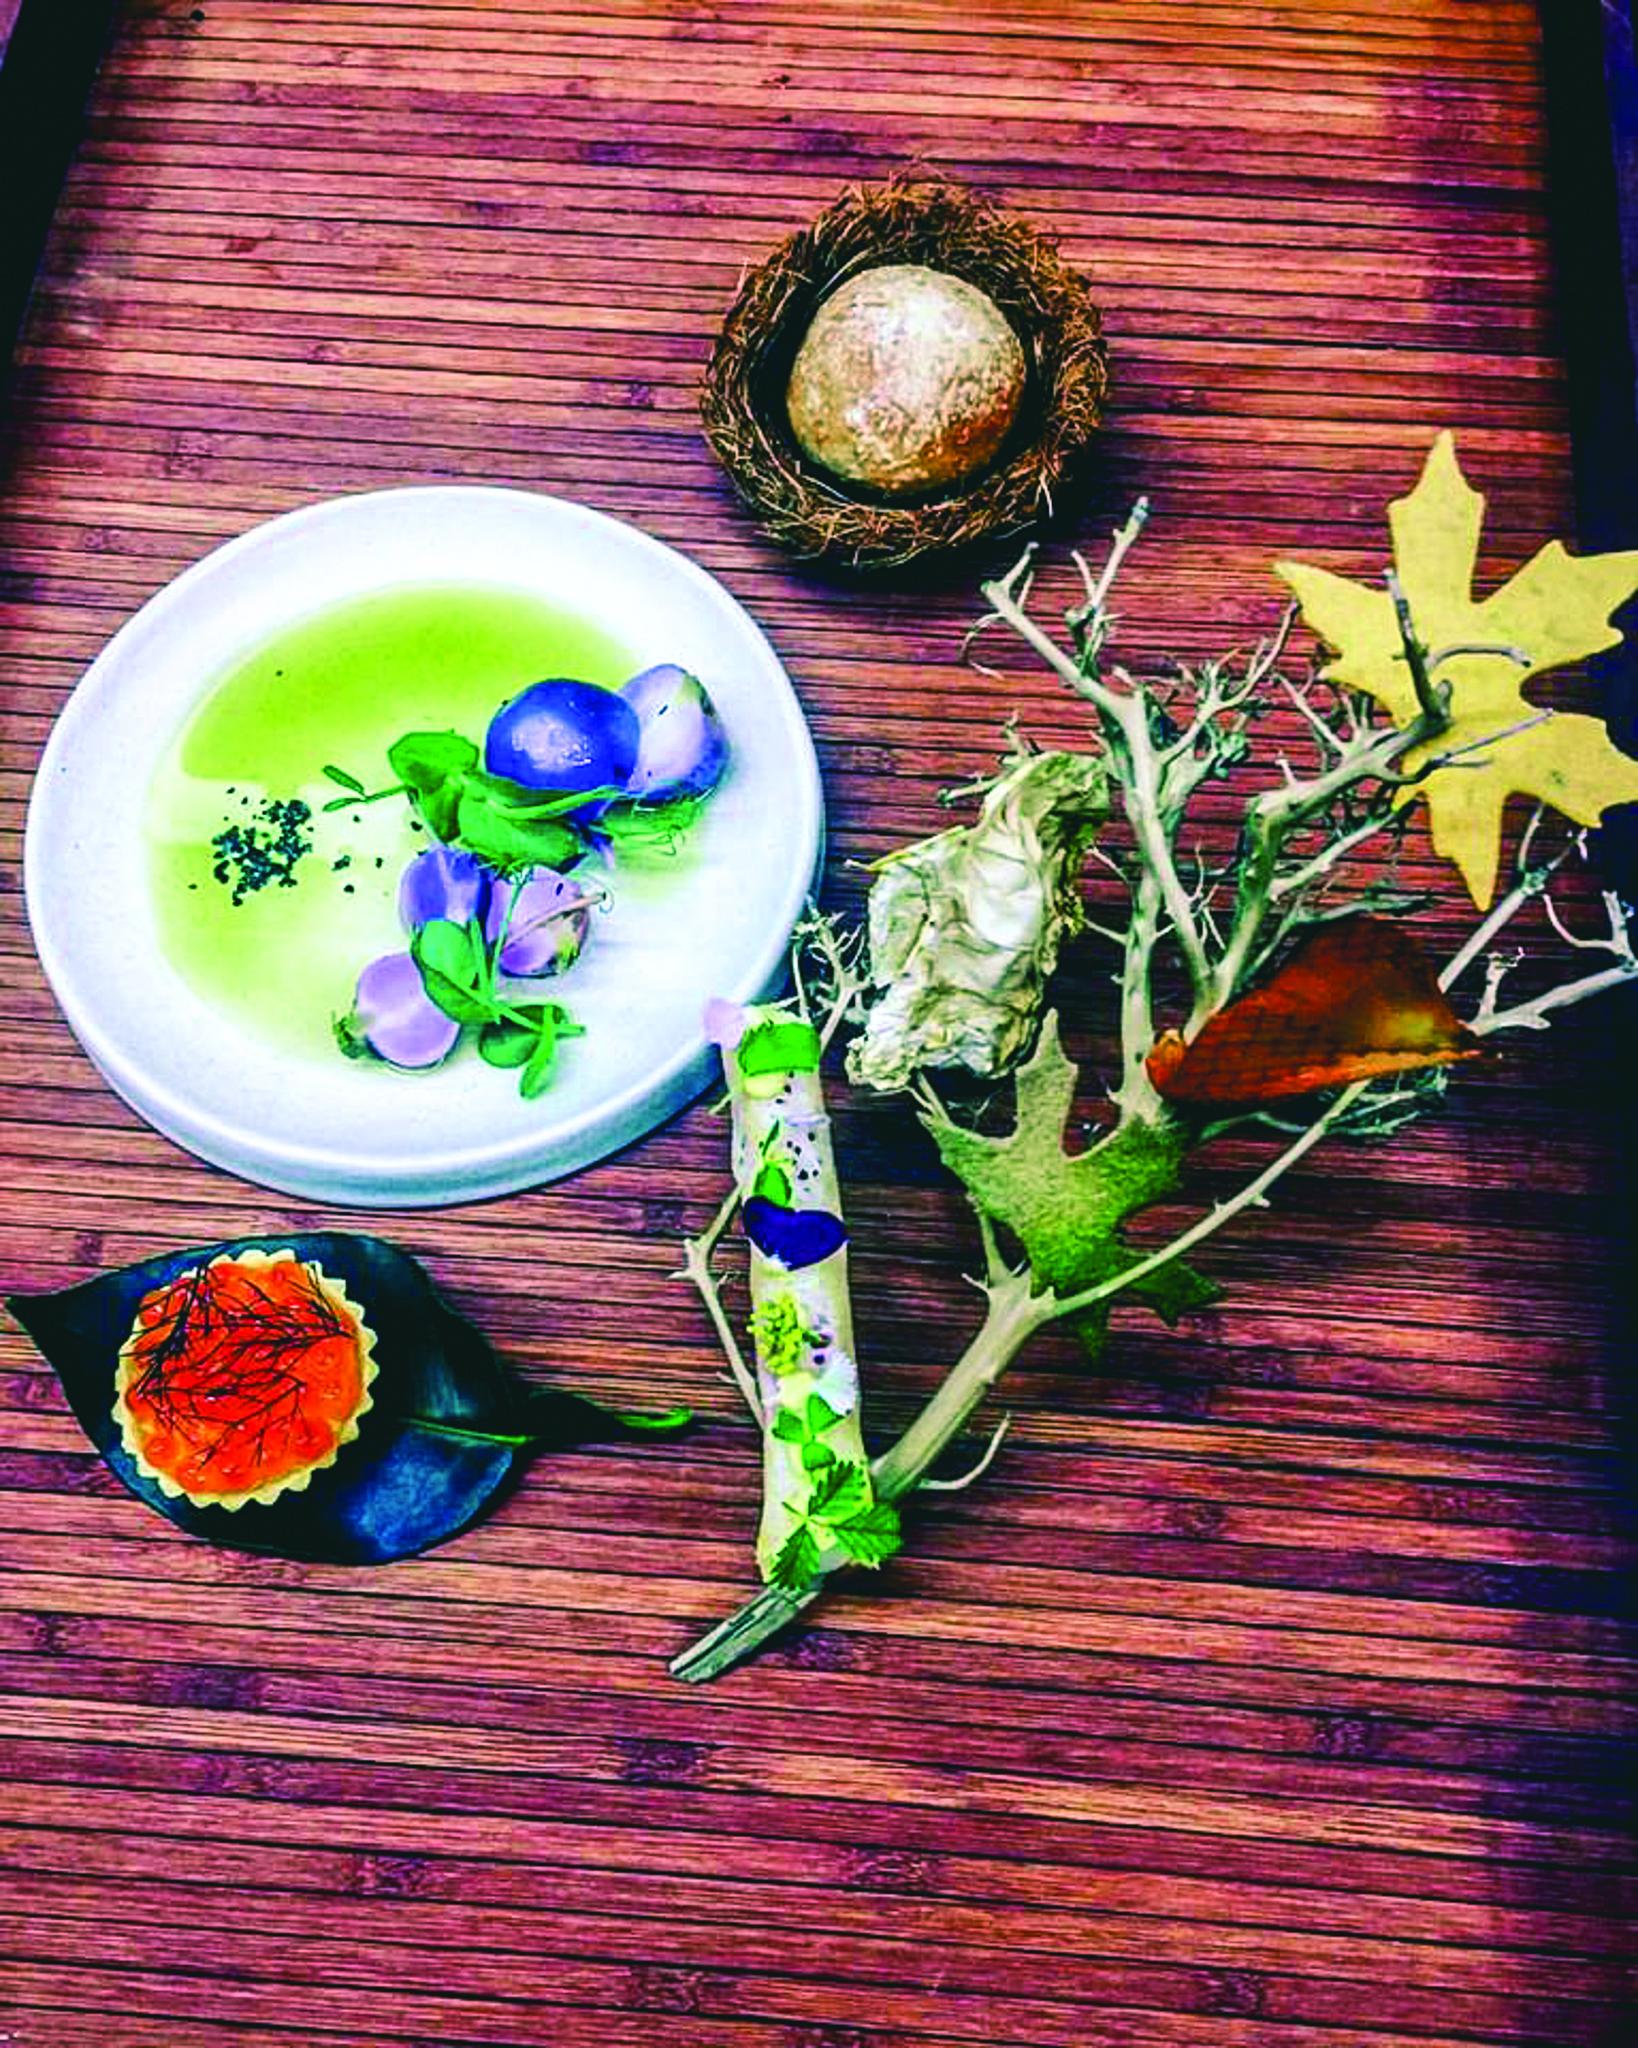 Roots Macau, restaurante de fusão | Katie McCann, relações públicas